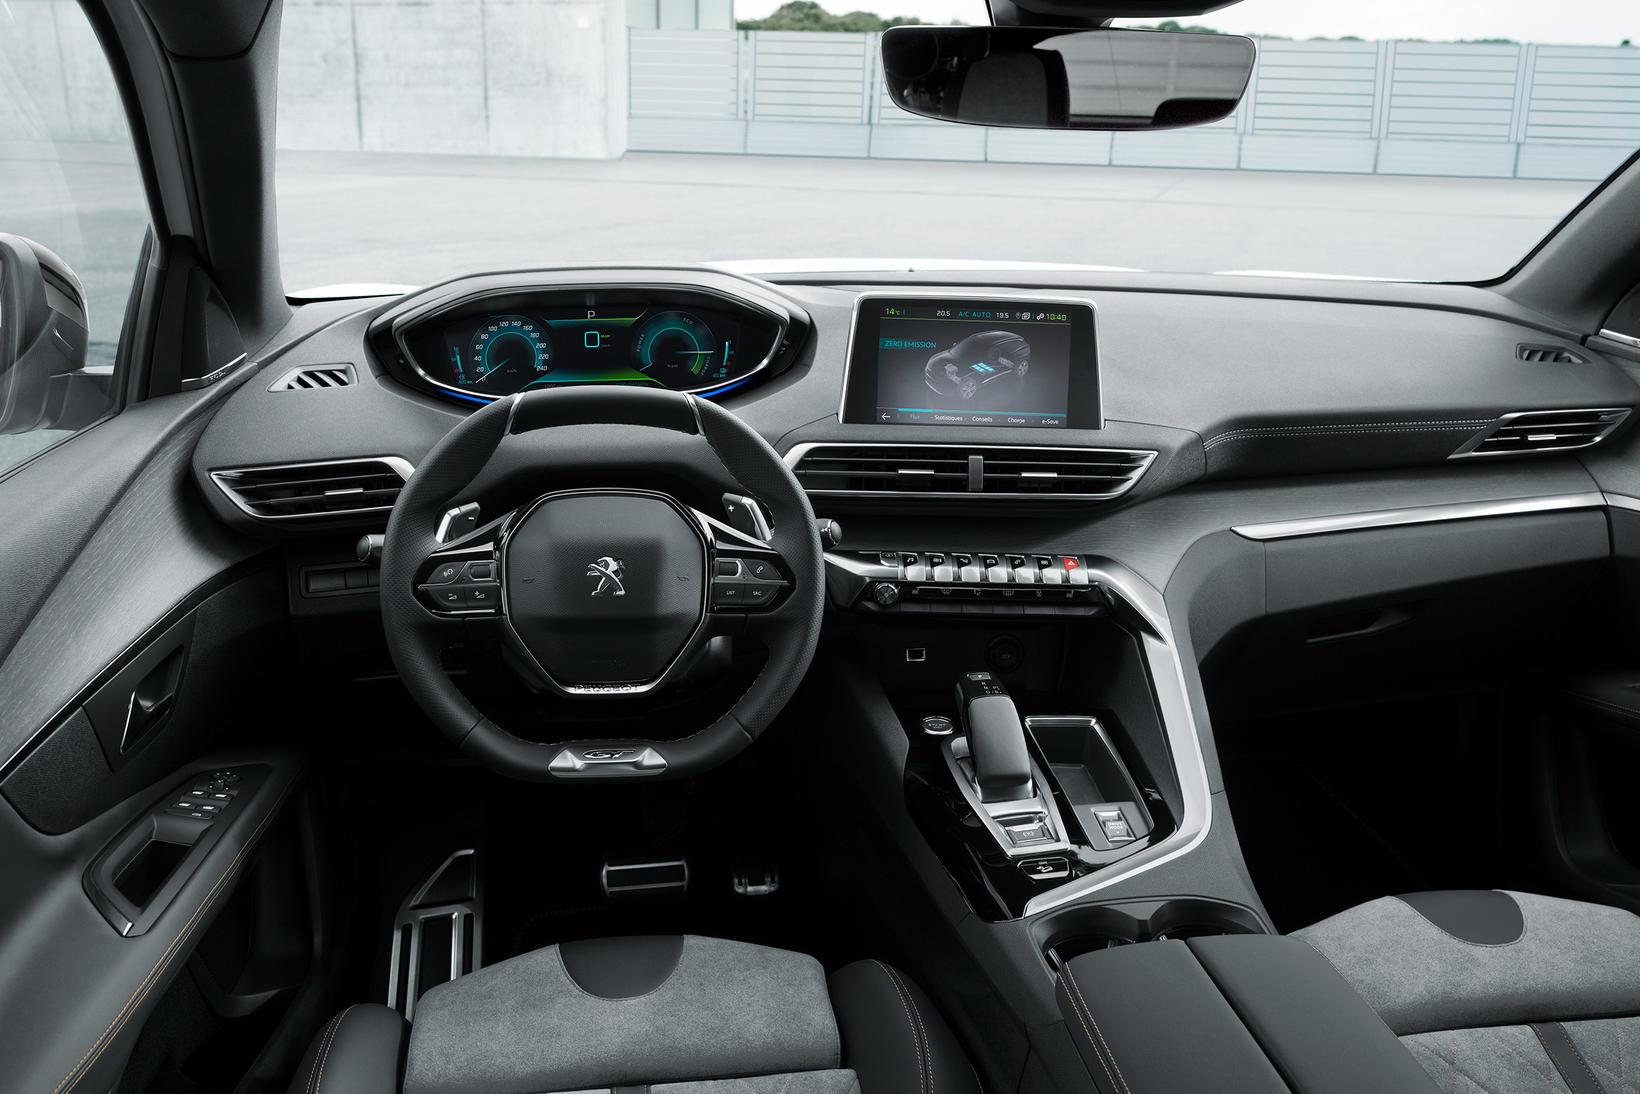 Nýi Peugeot 3008 tengiltvinn borgarjeppinn býður upp á allt að …